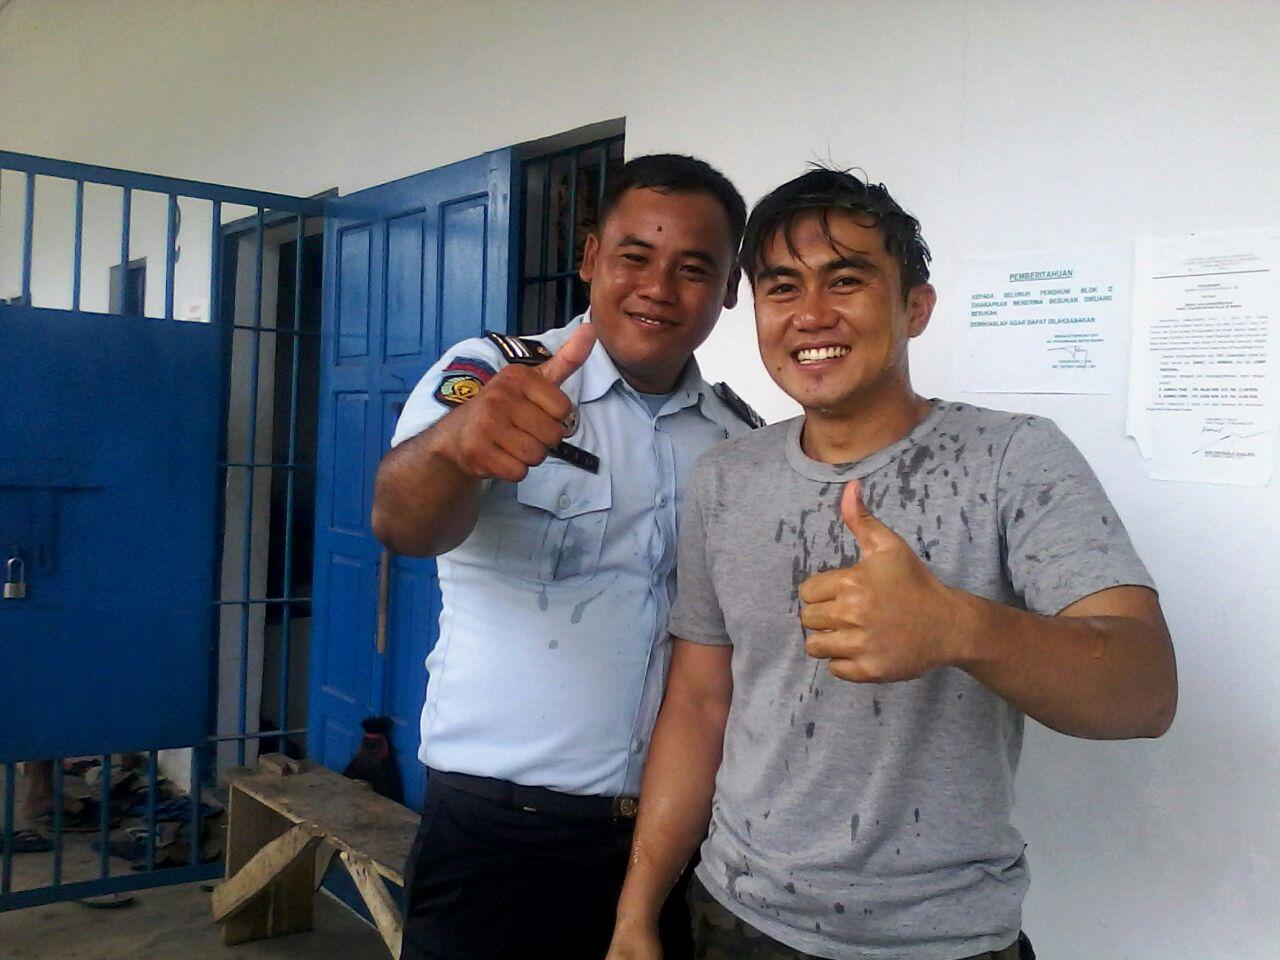 """Dibalik """"Jeruji Besi"""" Pemuda Ini Ciptakan Seni Tari sampai Membawa Karyanya Ke Tingkat Nasional Mengharumkan Nama Propinsi Bengkulu"""